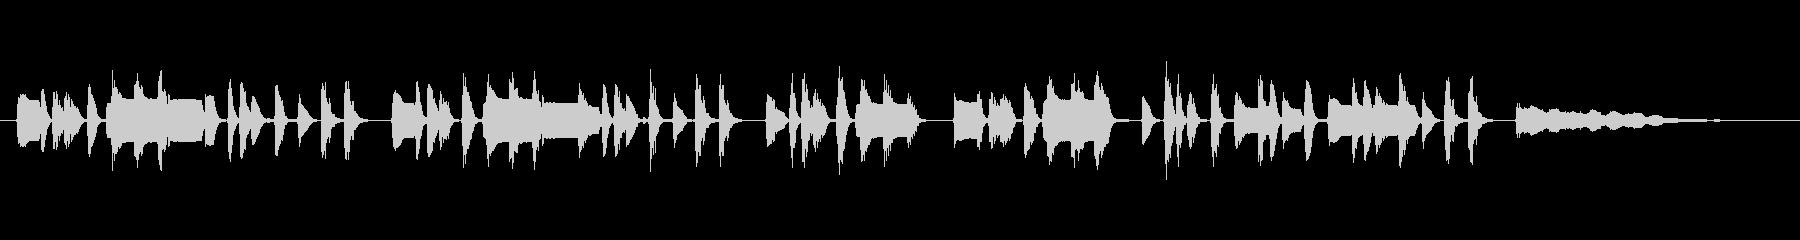 クラリネットの可愛いくコミカルなジングルの未再生の波形